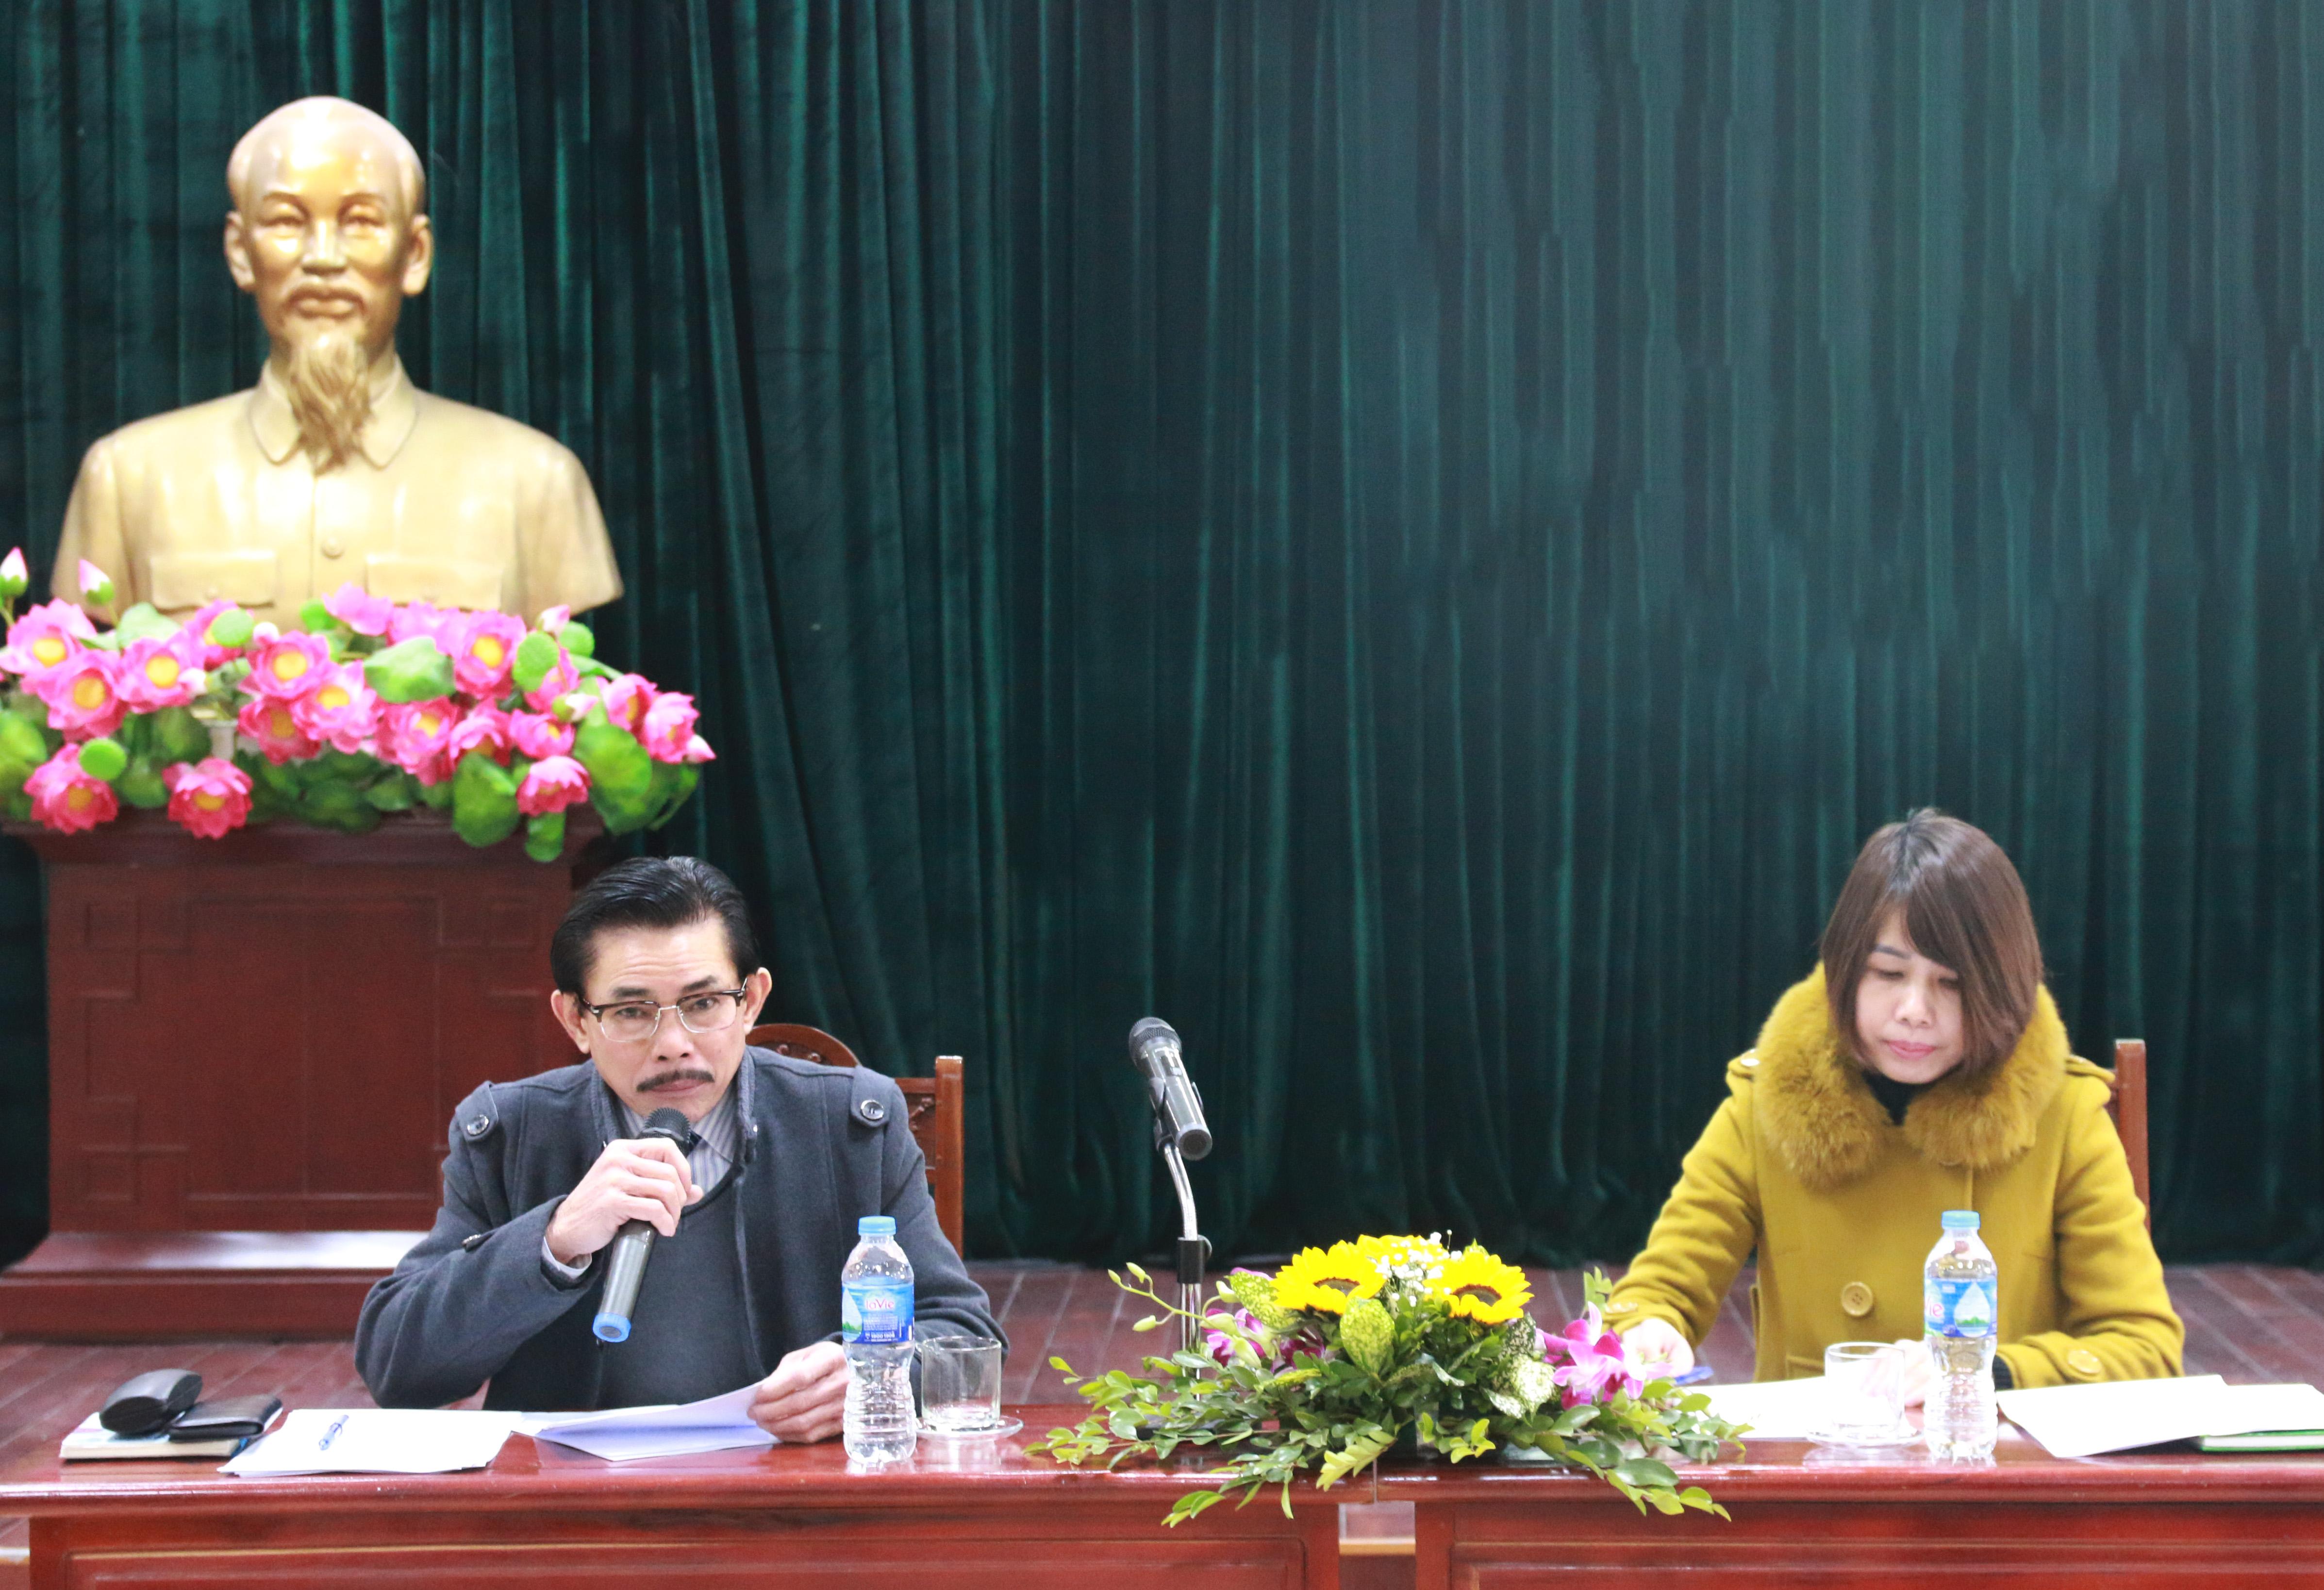 Ông Lê Công Bình, Bí thư Chi bộ, Tổng Biên tập Báo Dân tộc và Phát triển chủ trì Hội nghị